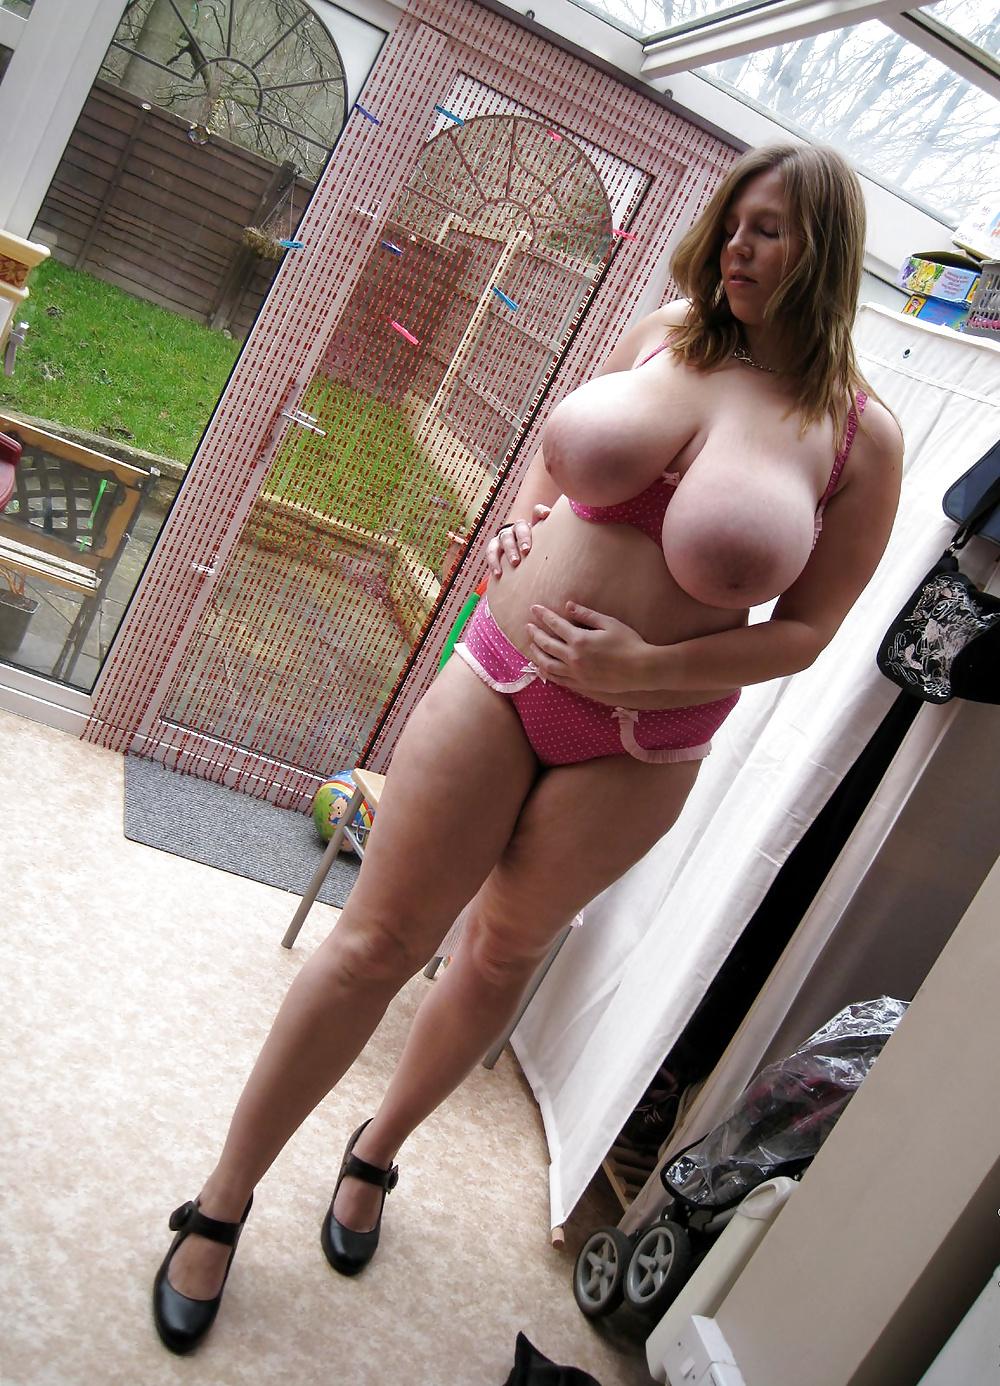 женские пышные формы на фото голышом